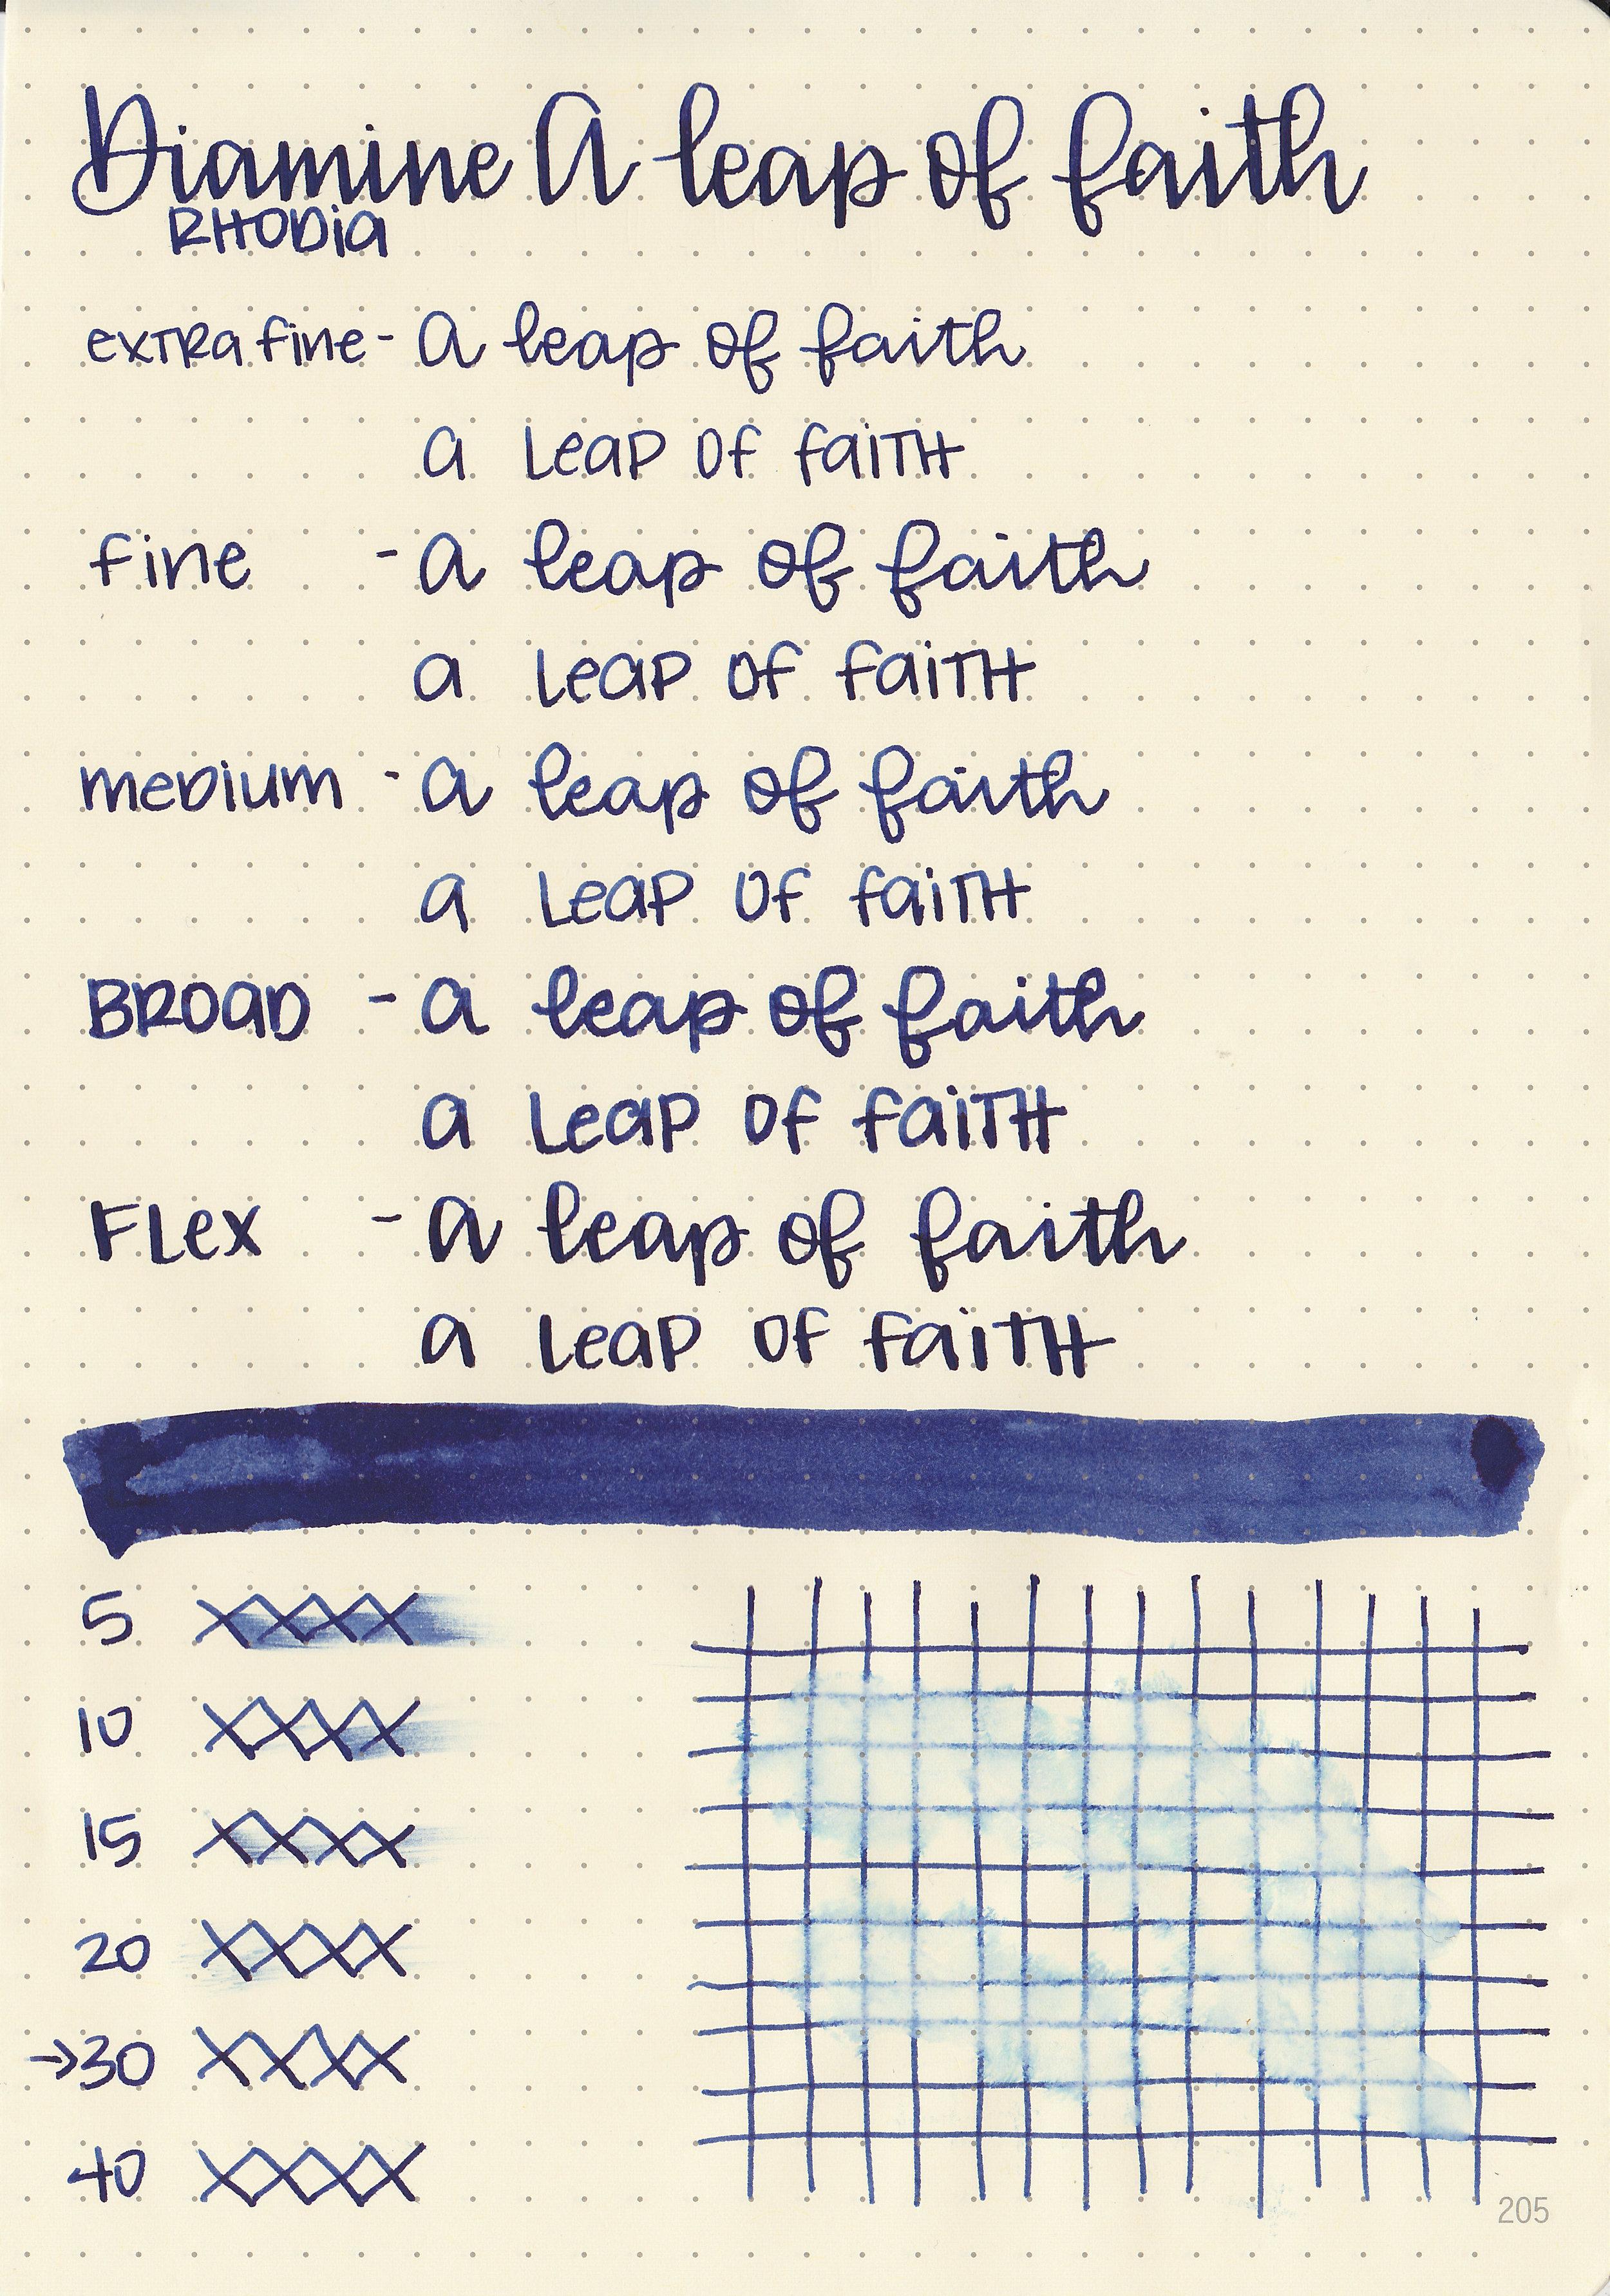 d-a-leap-of-faith-7.jpg